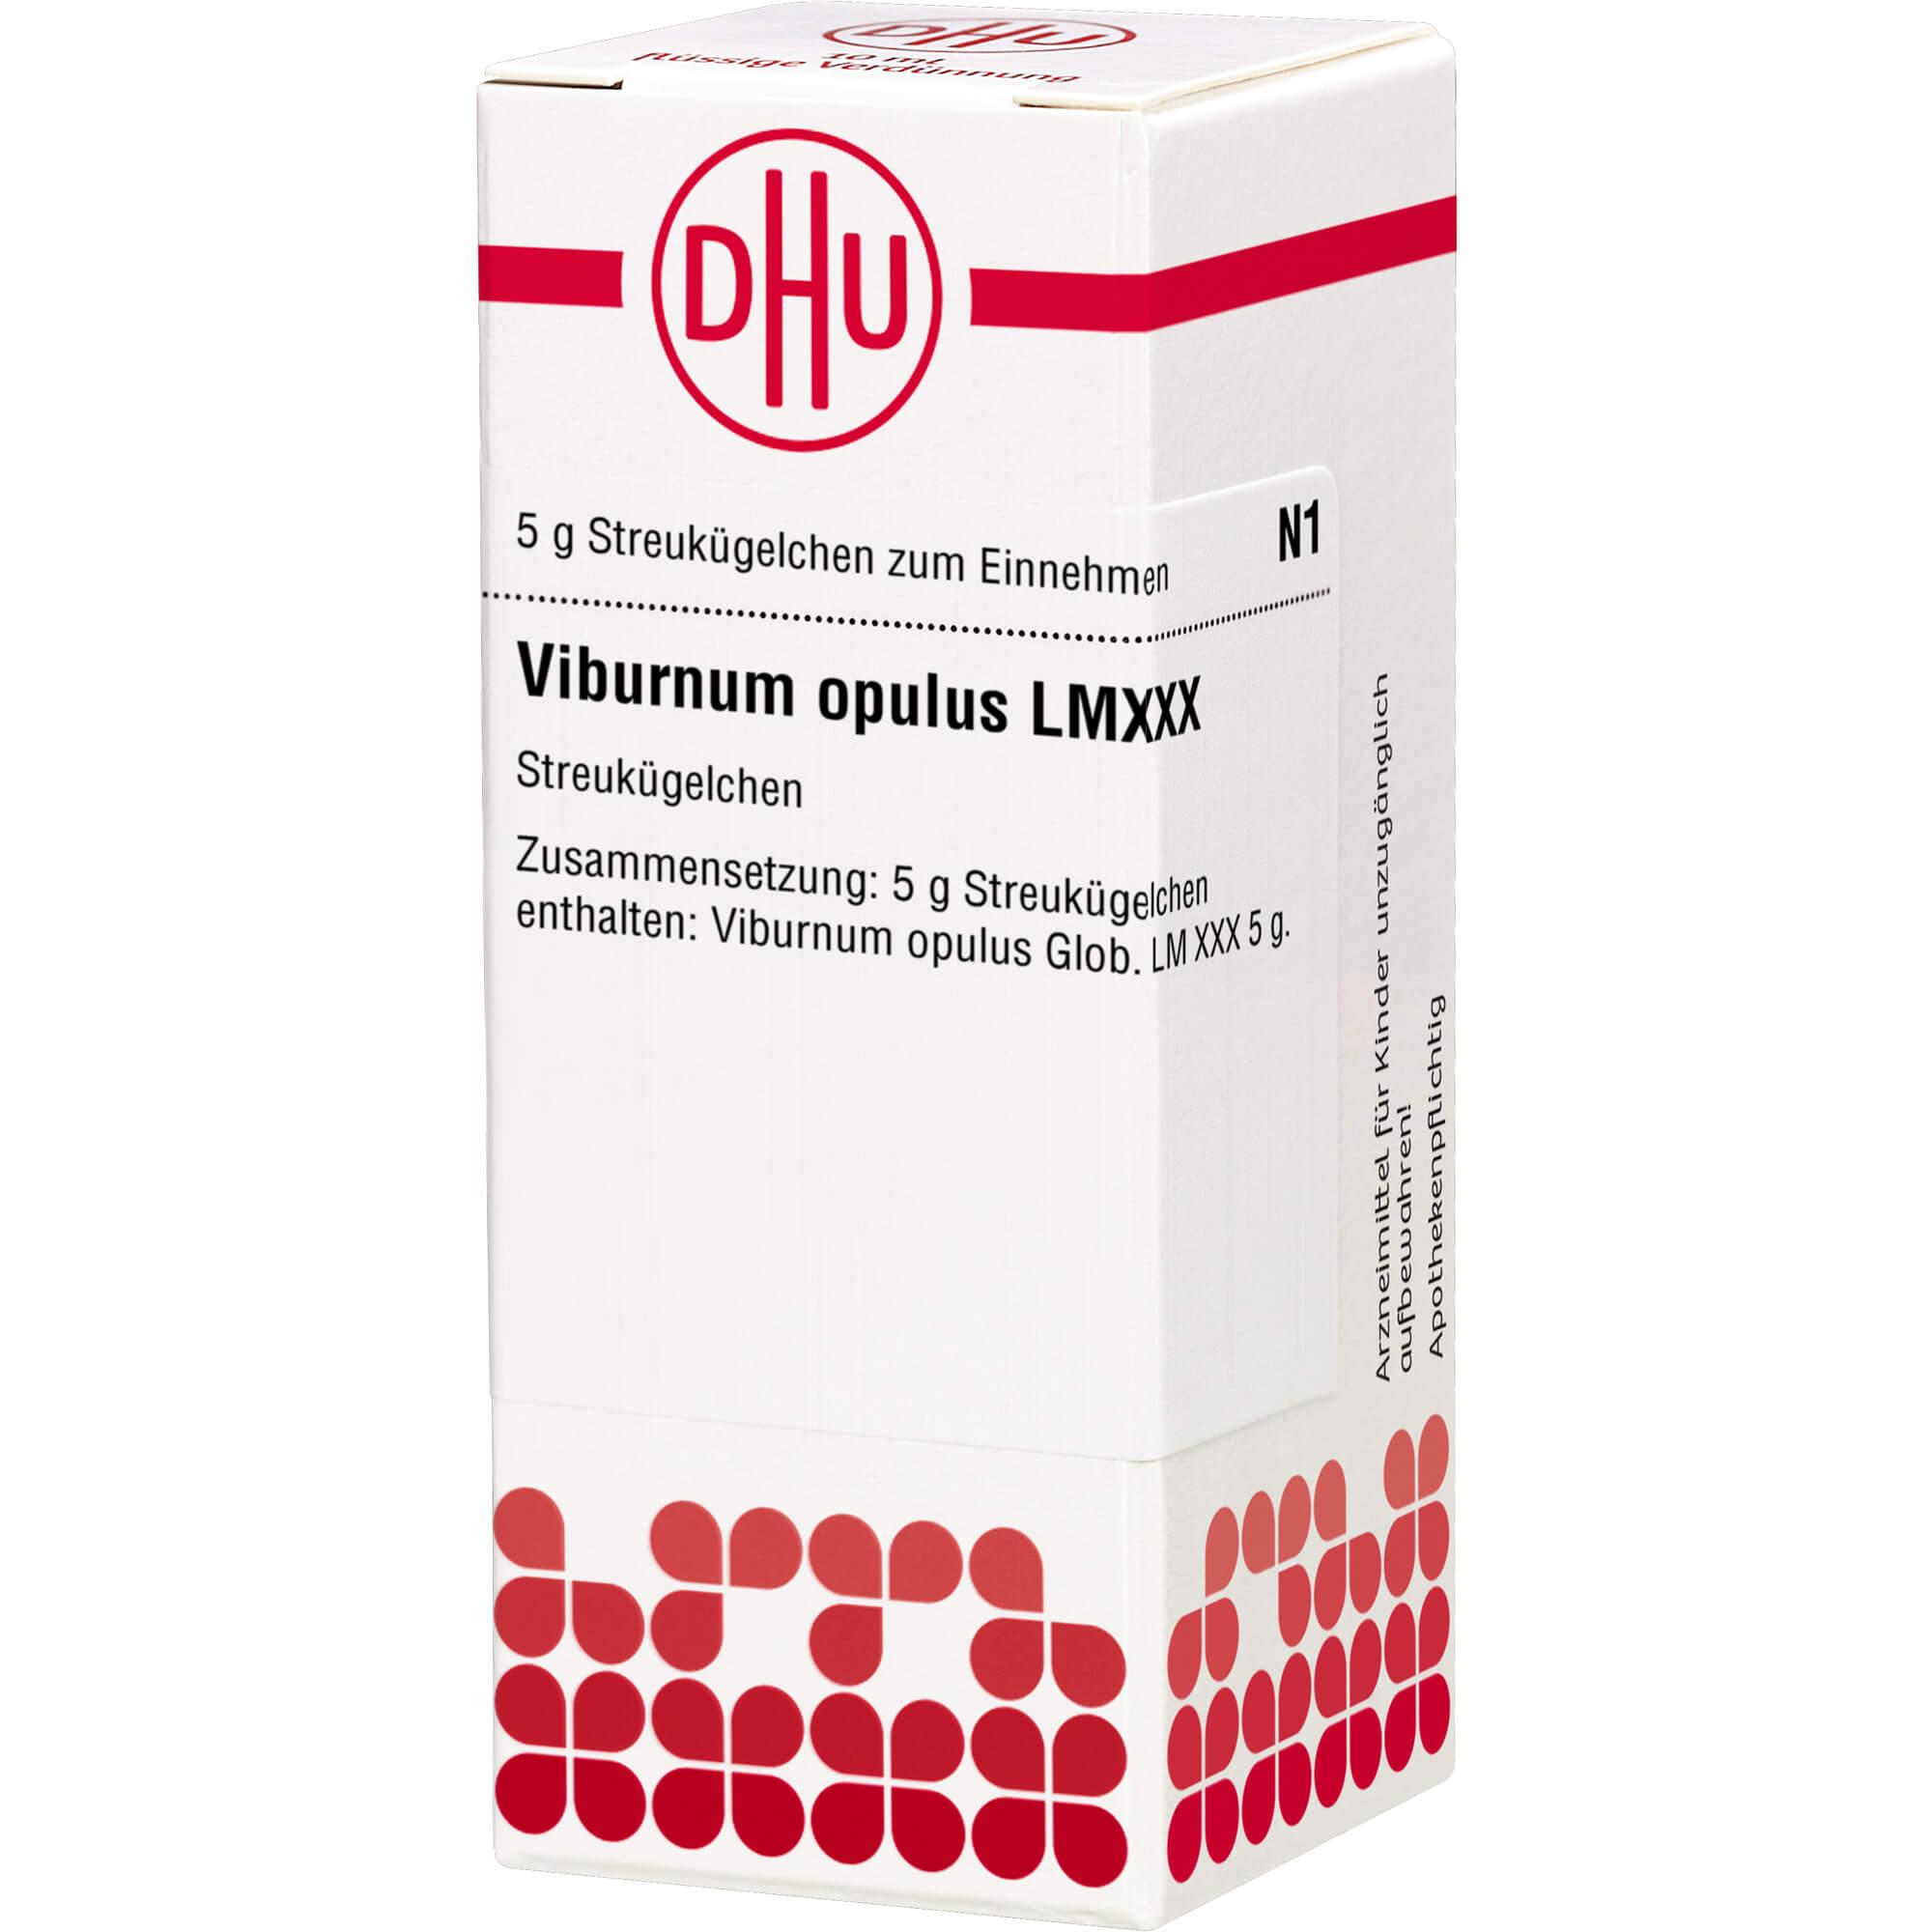 LM VIBURNUM opulus XXX Globuli